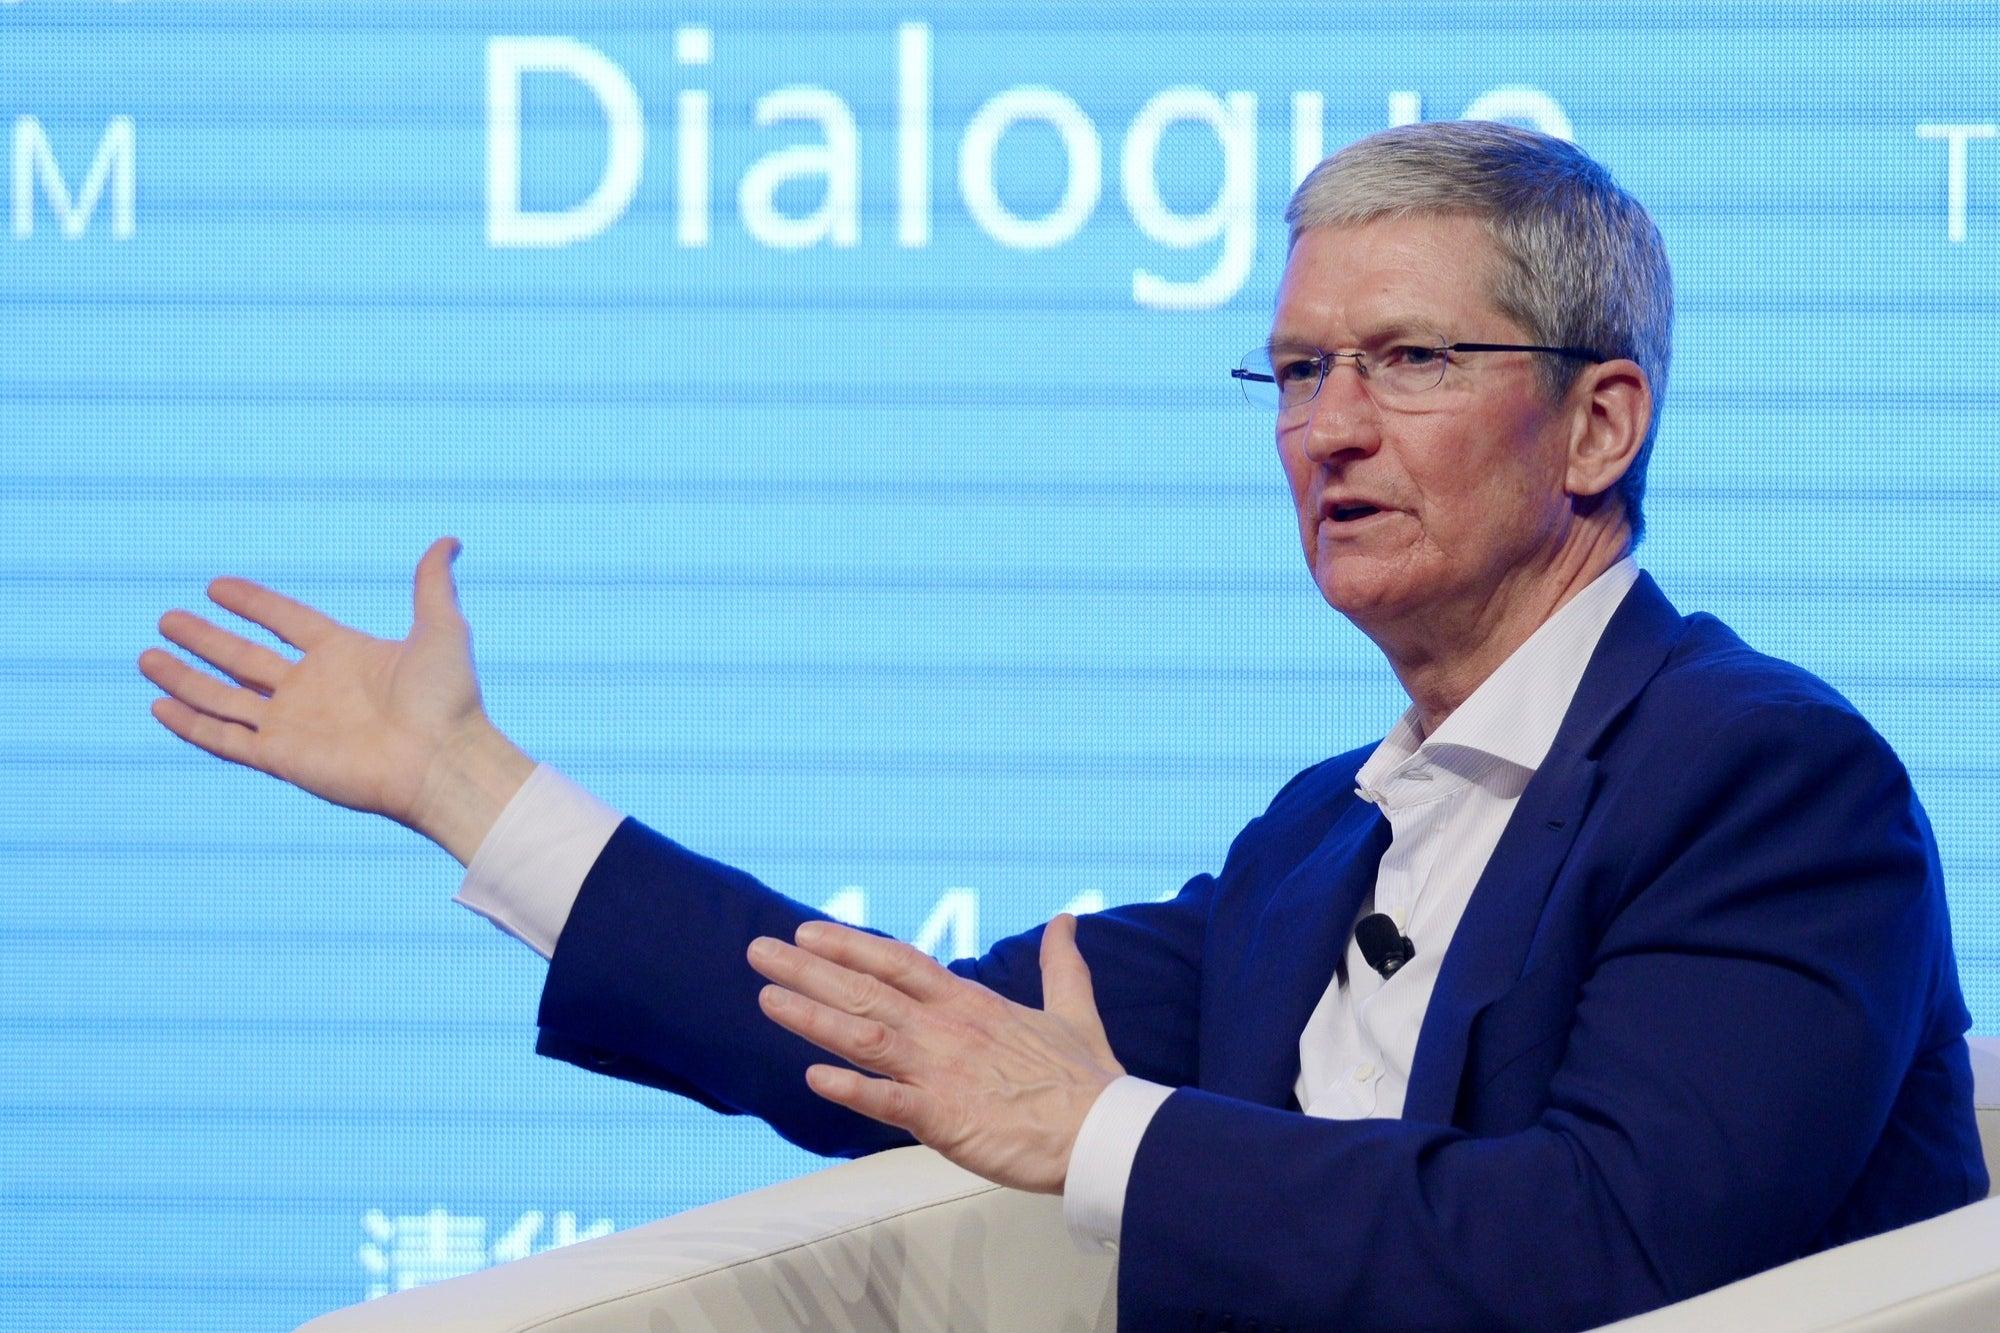 El CEO de Apple hace crítica de las redes sociales por la desinformación 'impulsada por algoritmos'